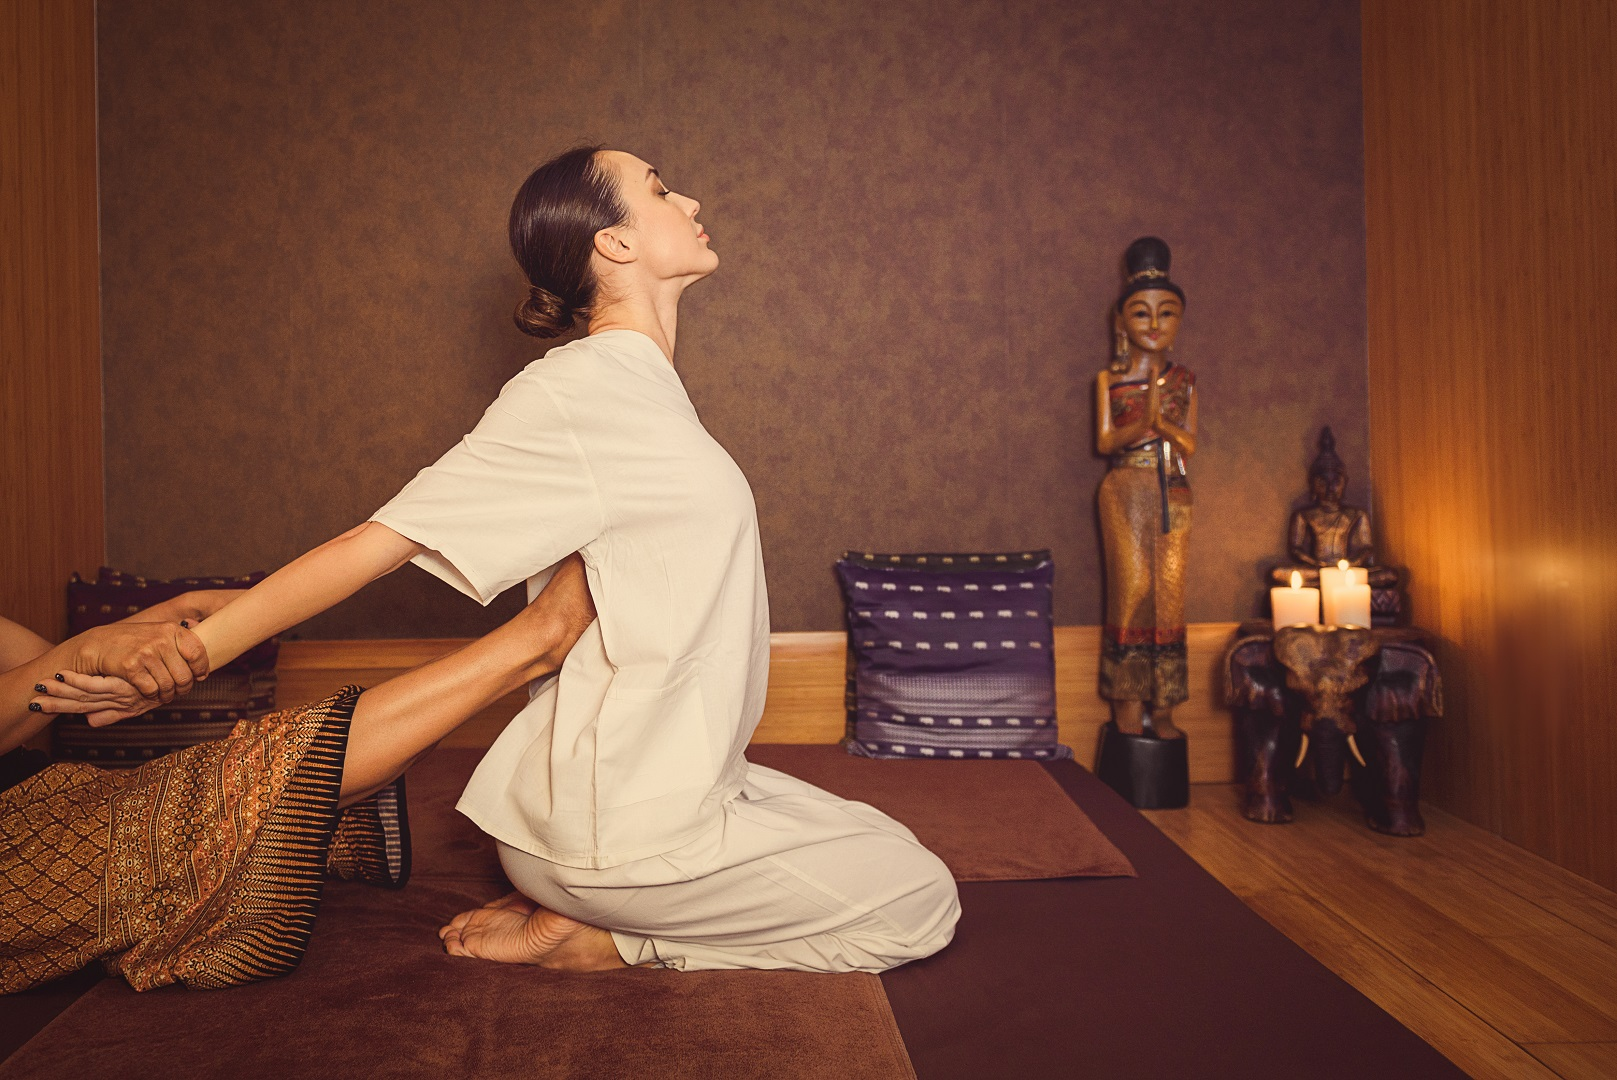 Thai Massage Courses in Australia